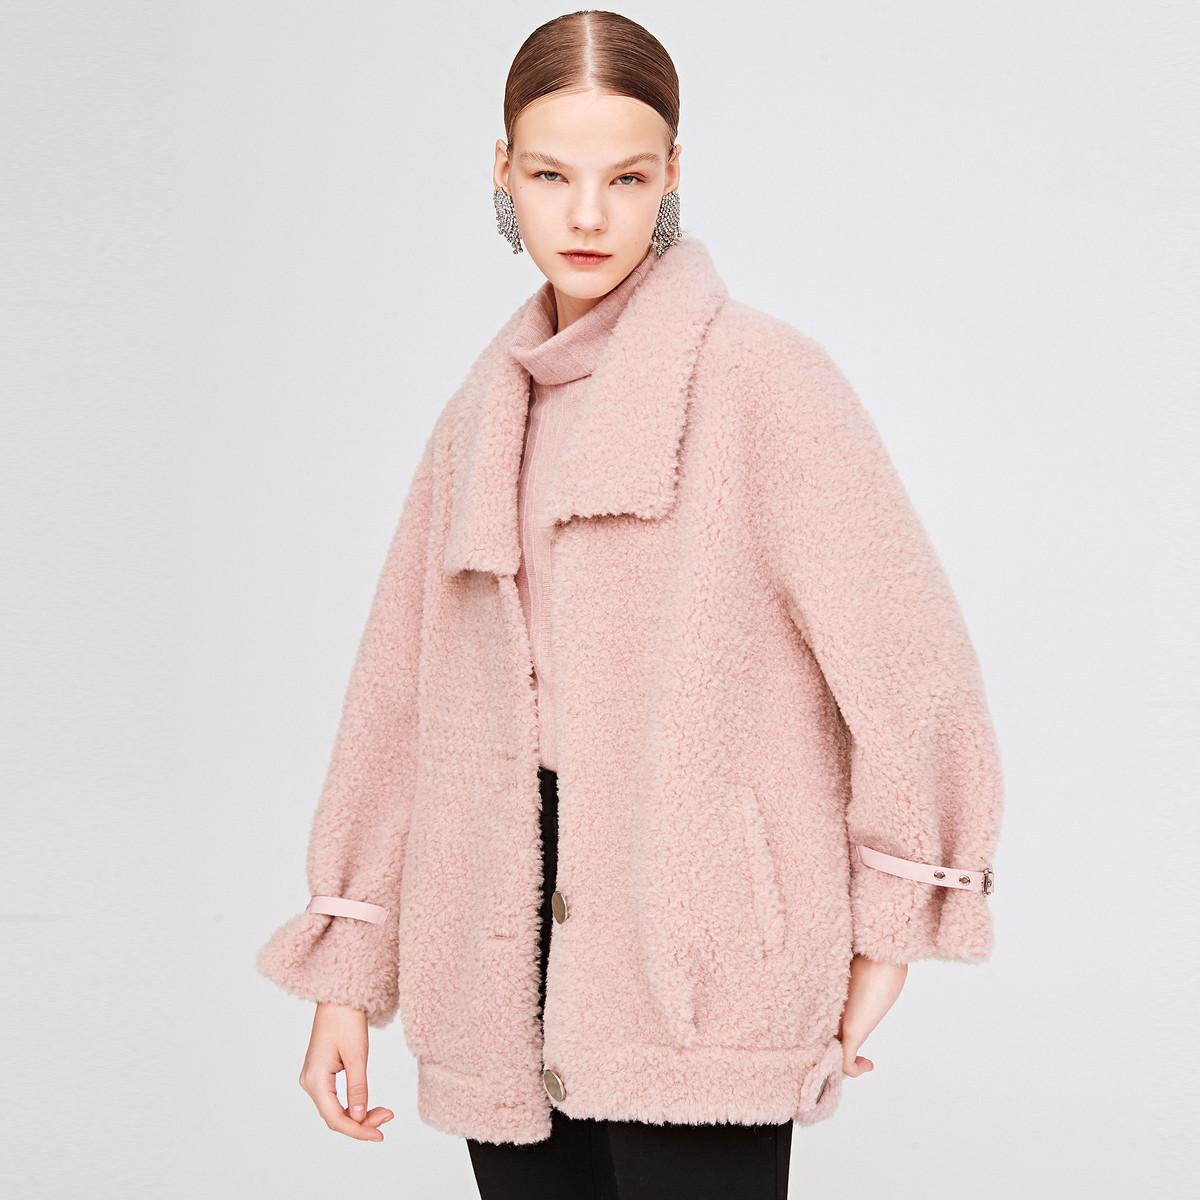 诗篇影儿诗篇2019年冬季新品时尚纯色宽松短外套6C5958023782